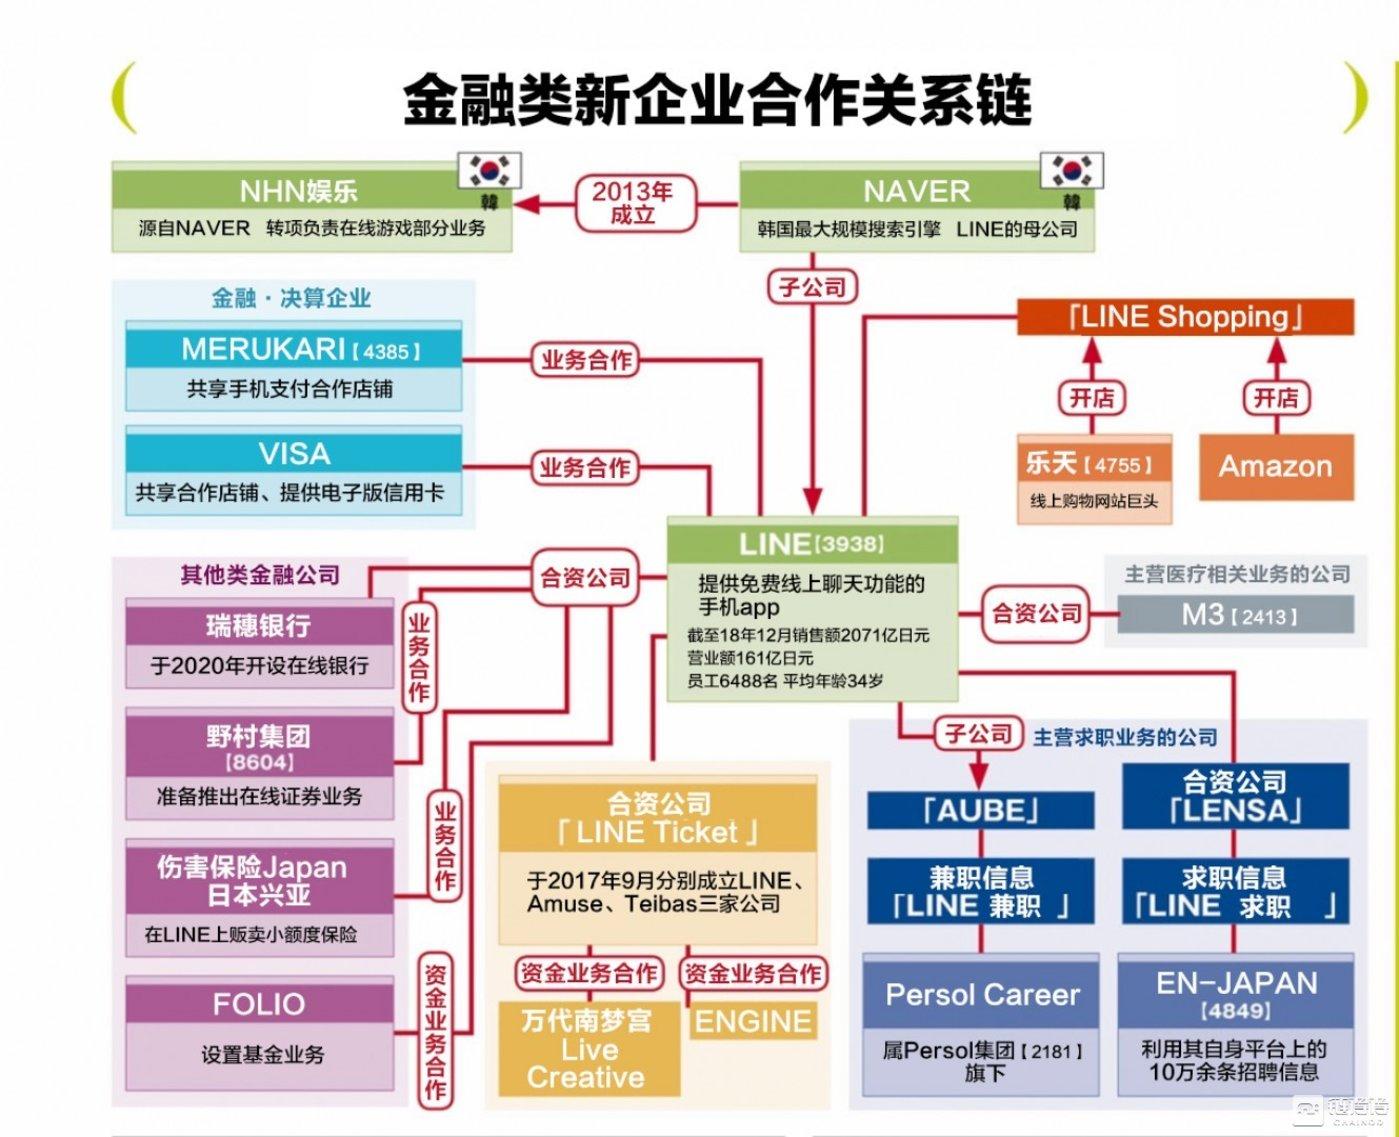 Line的金融版图:链得得制图